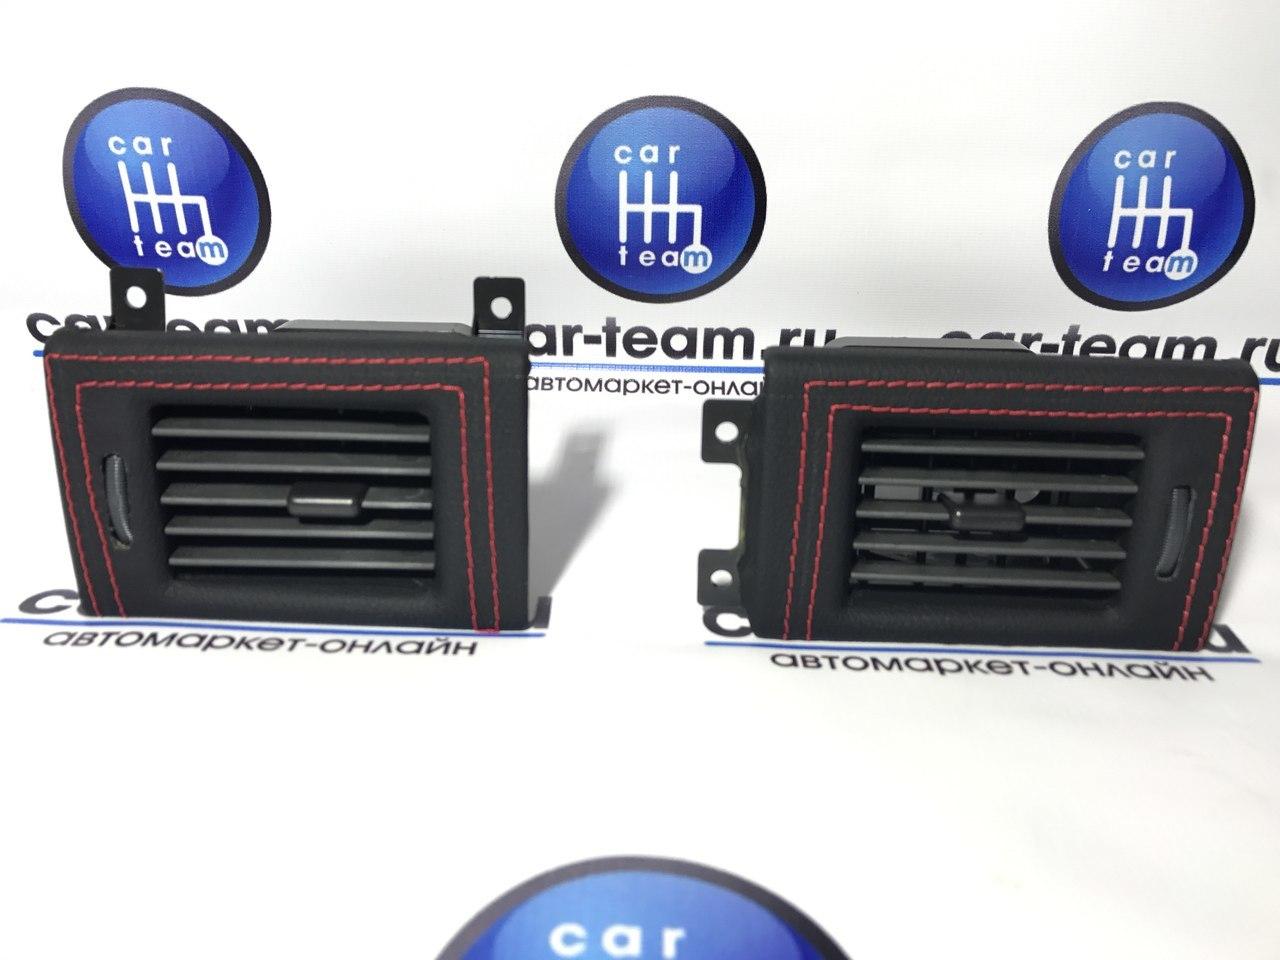 Сопла вентиляции кузова боковые на Лада Приора 1, обтянутые экокожей